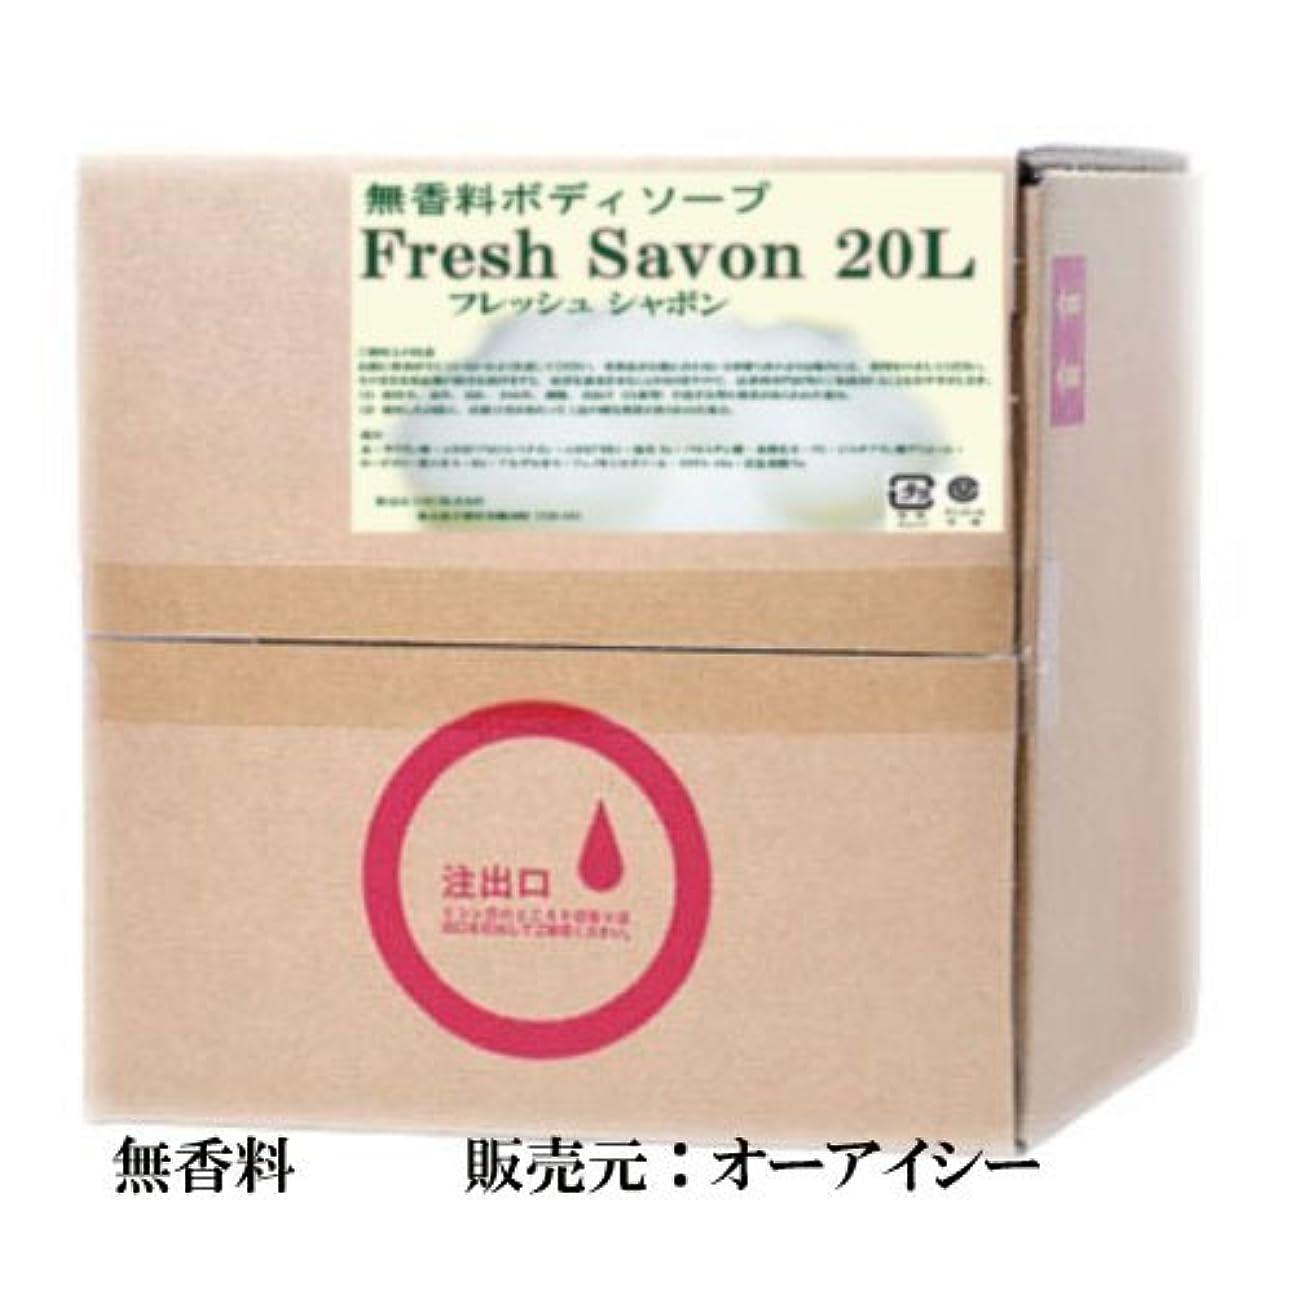 伝記不変式業務用 無香料 ボディソープ フレッシュシャボン 20L (販売元:オーアイシー) (ホワイト(コック付属))